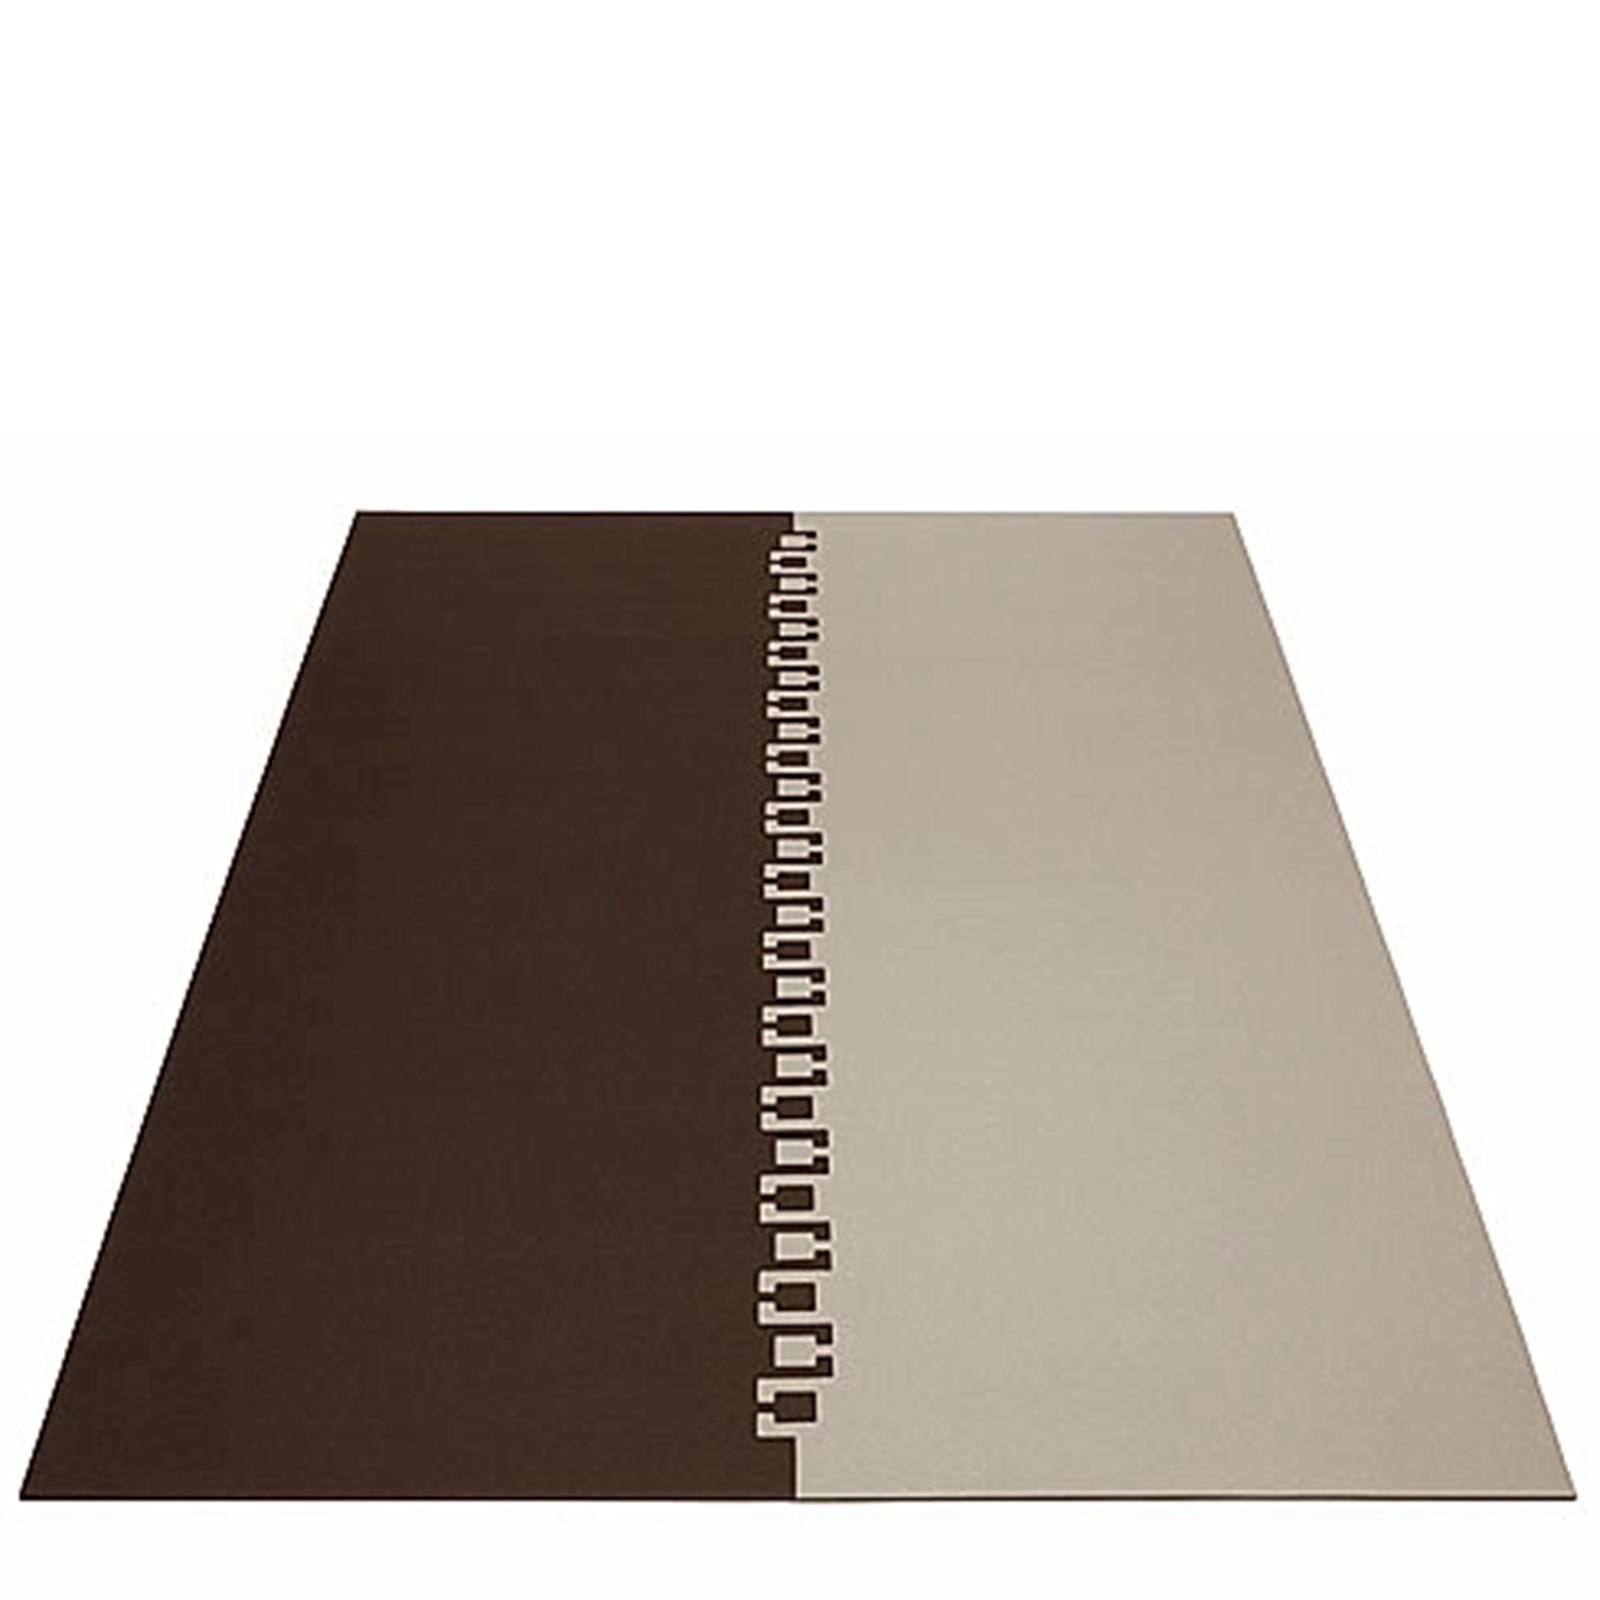 Teppichsystem Teppich rechteckig 2teilig viele Größen